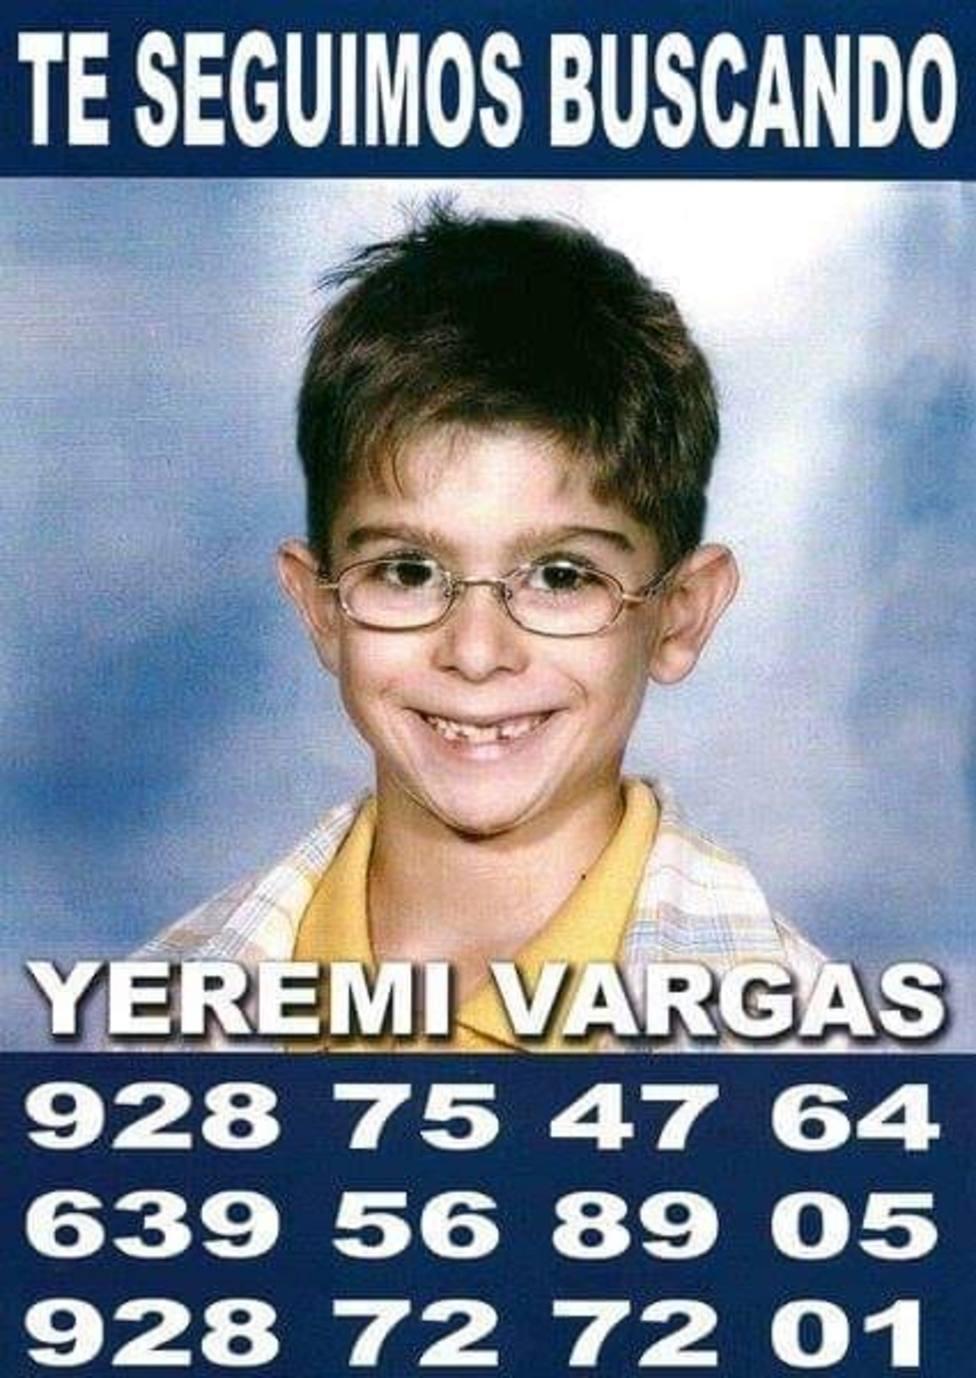 Yéremi Vargas